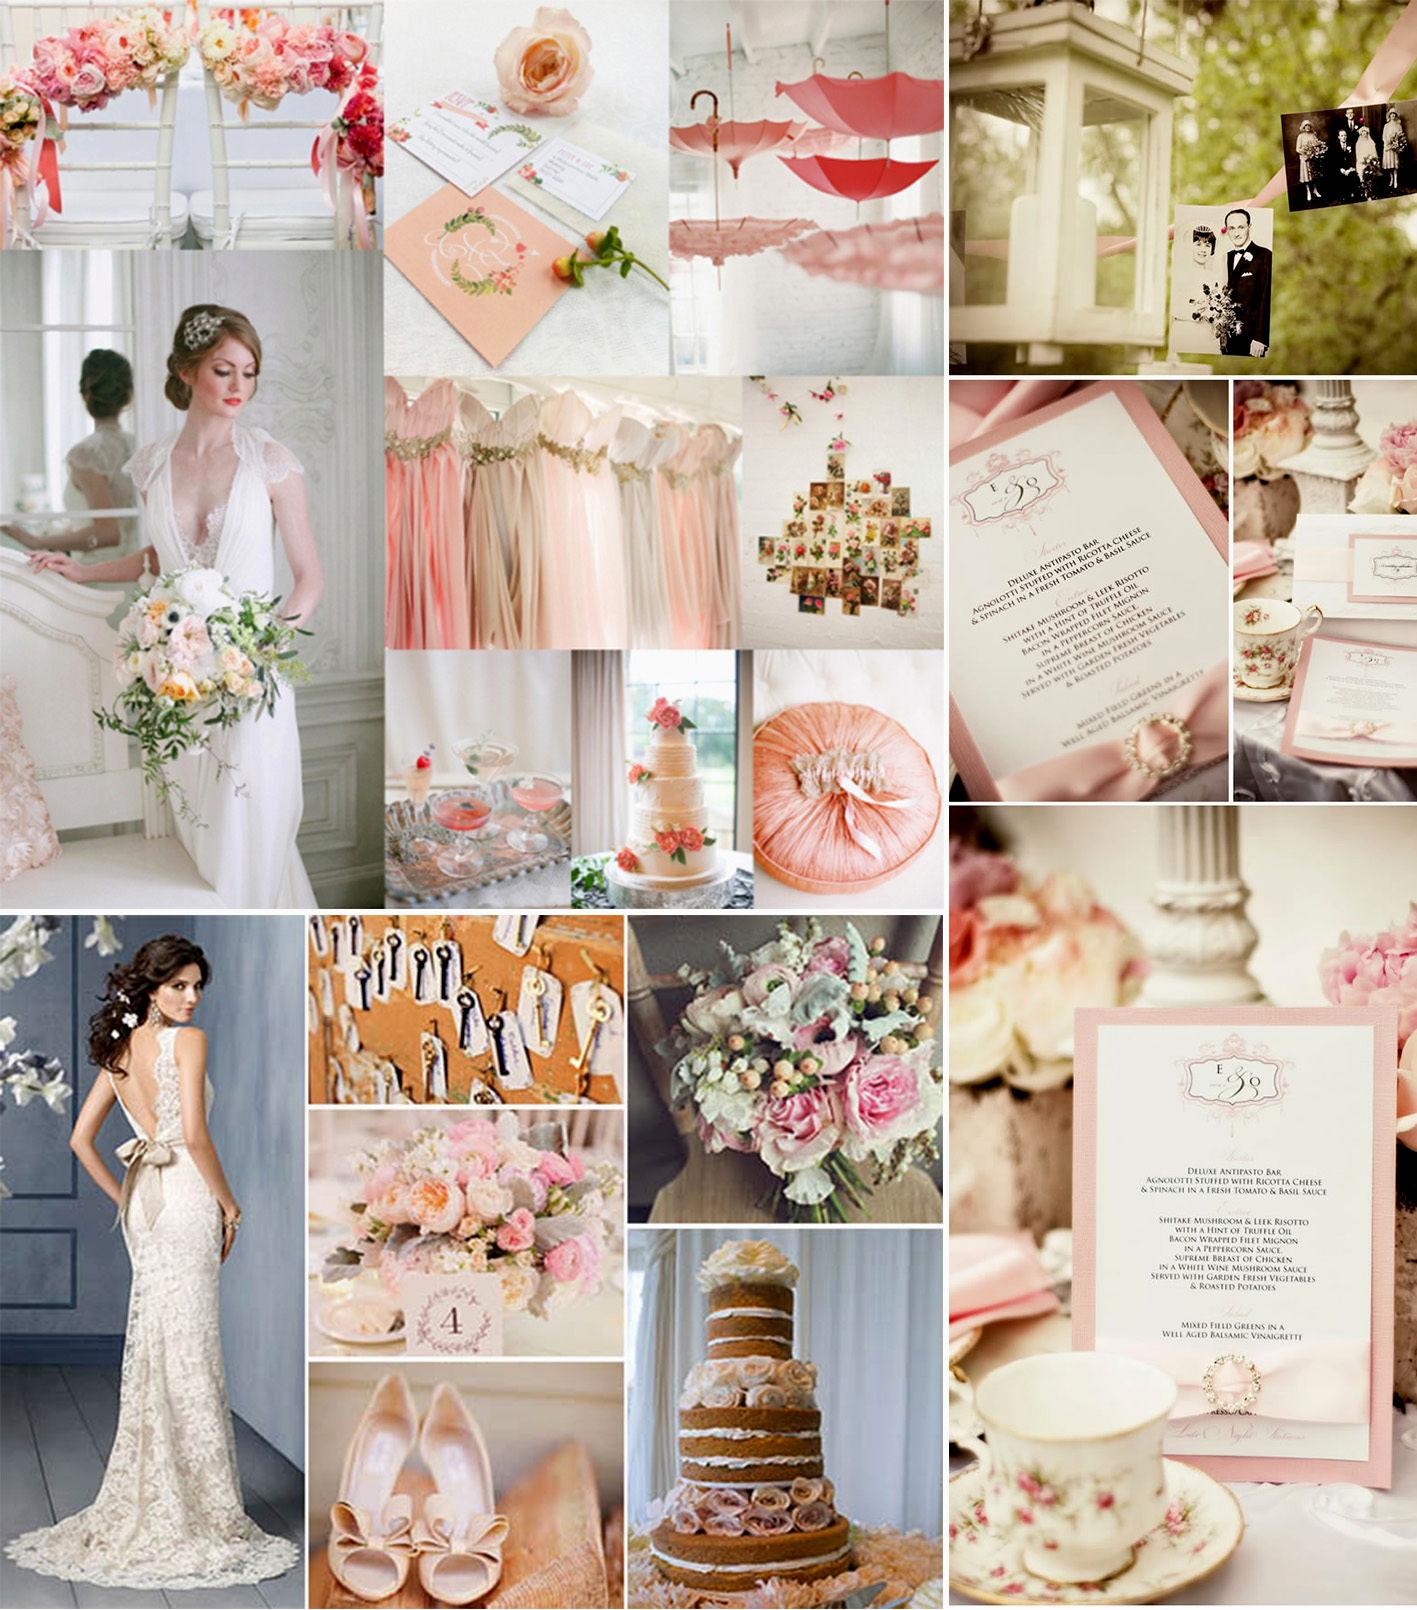 Svadobné slávnosti 2018 Bardejov - Perfektná svadba